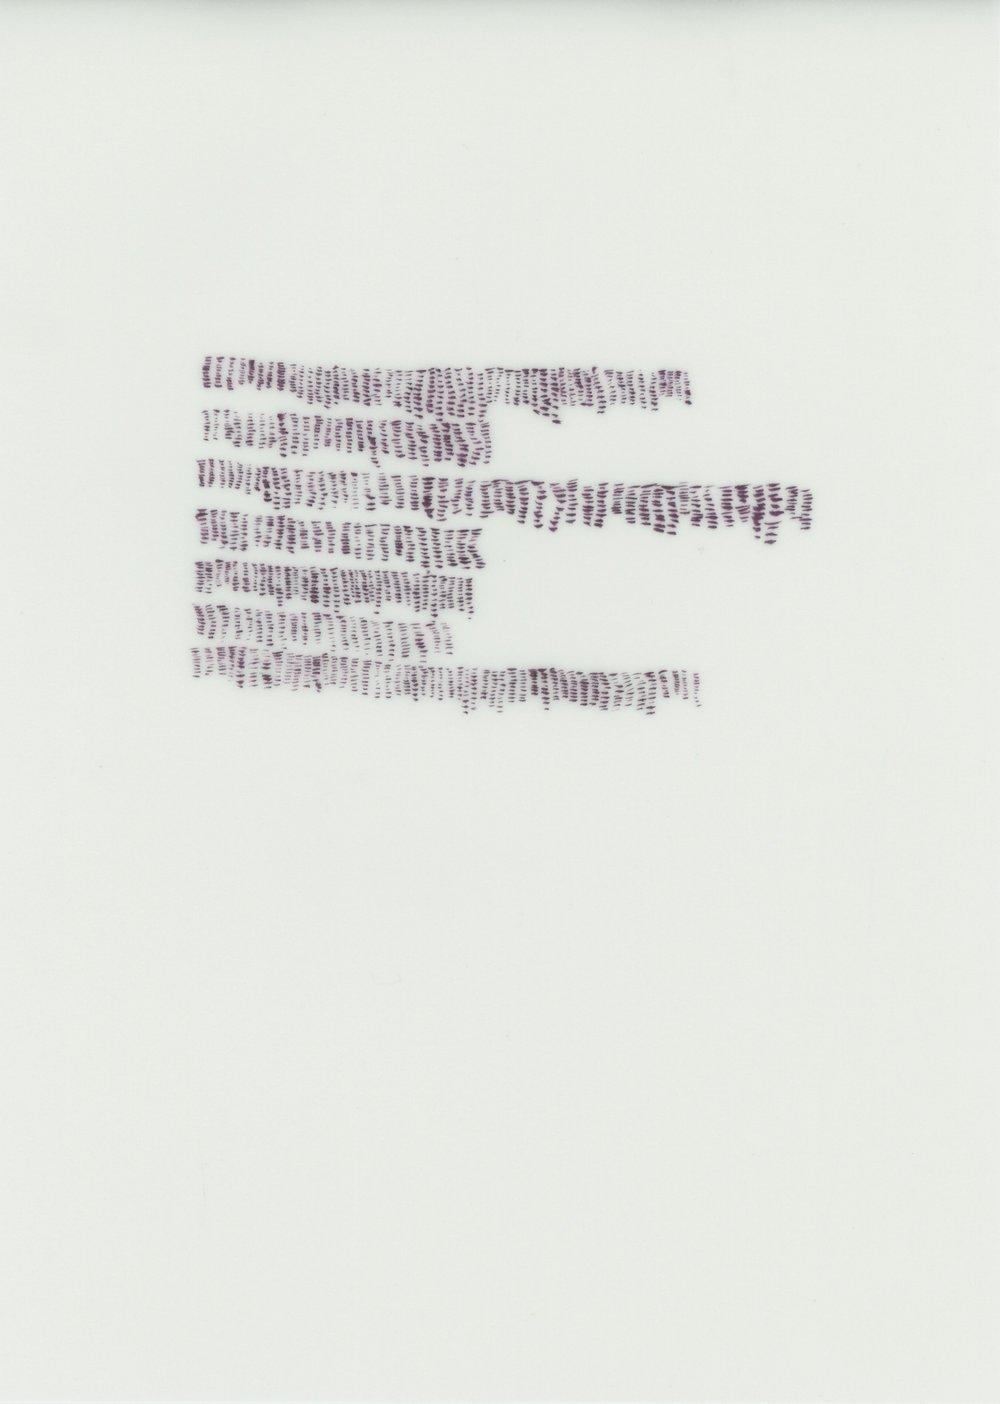 121417.385.jpg